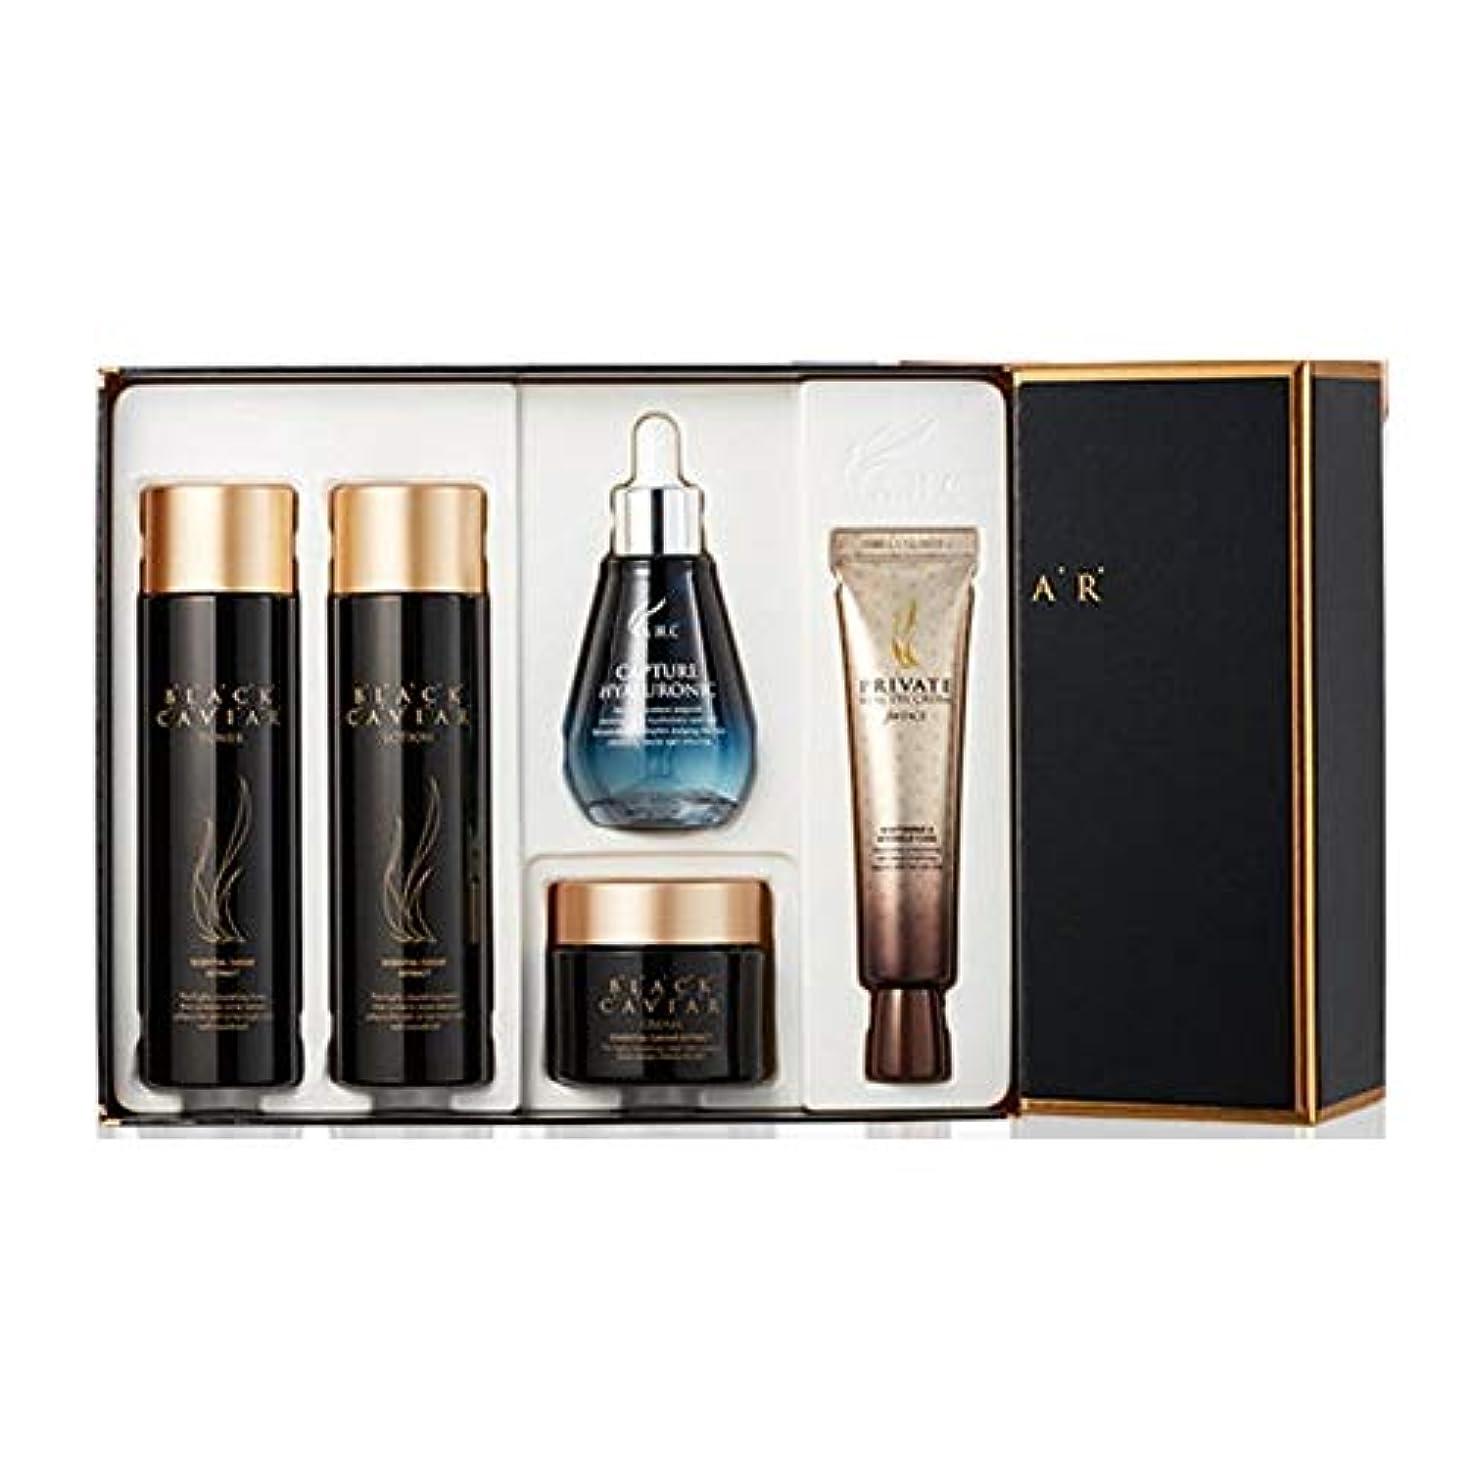 AHCブラックキャビアスキンケアセットトナーローションクリームアイクリームアンプル、AHC Black Caviar Skincare Set Toner Lotion Cream Eye Cream Ampoule [...